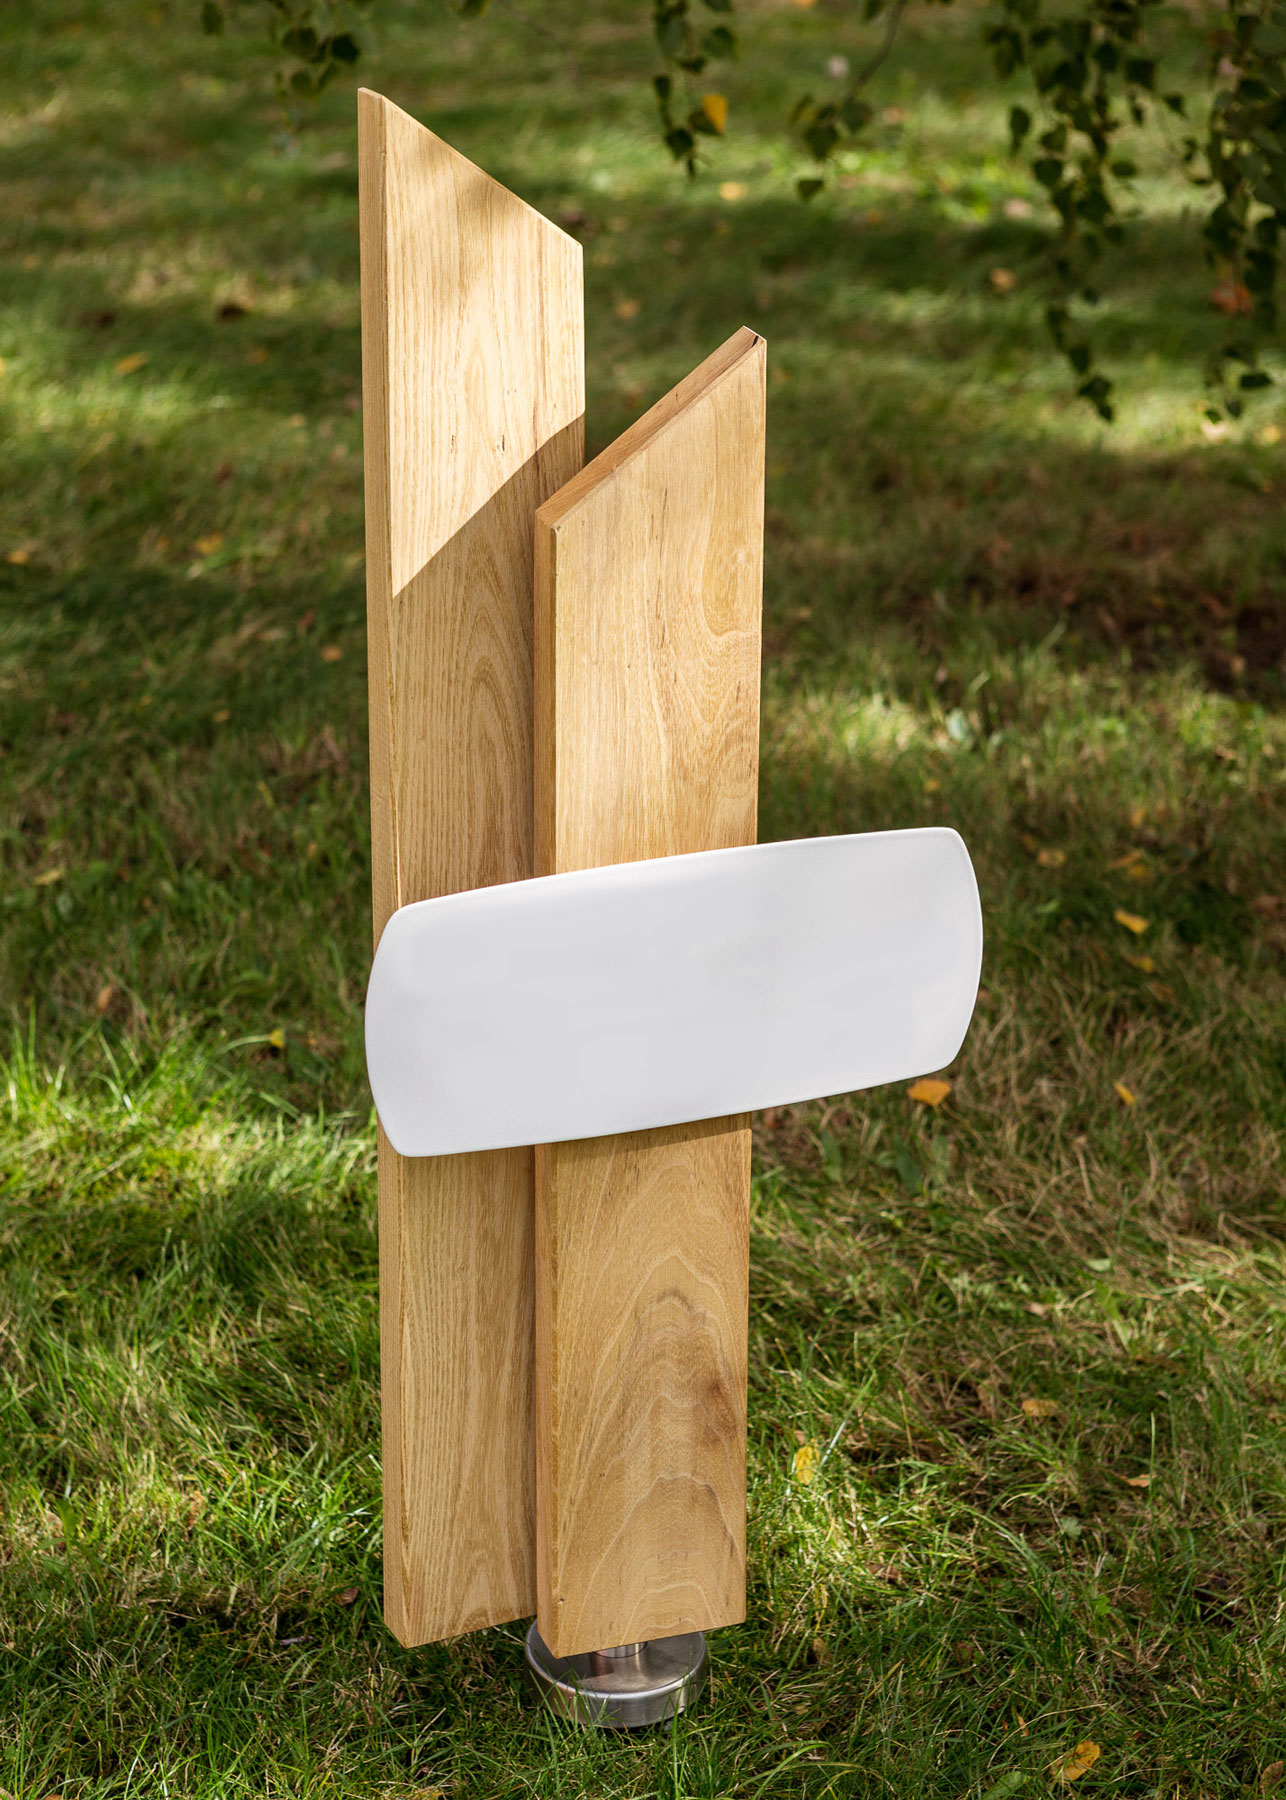 Grabmal aus Holz Stele mit Emailleschild